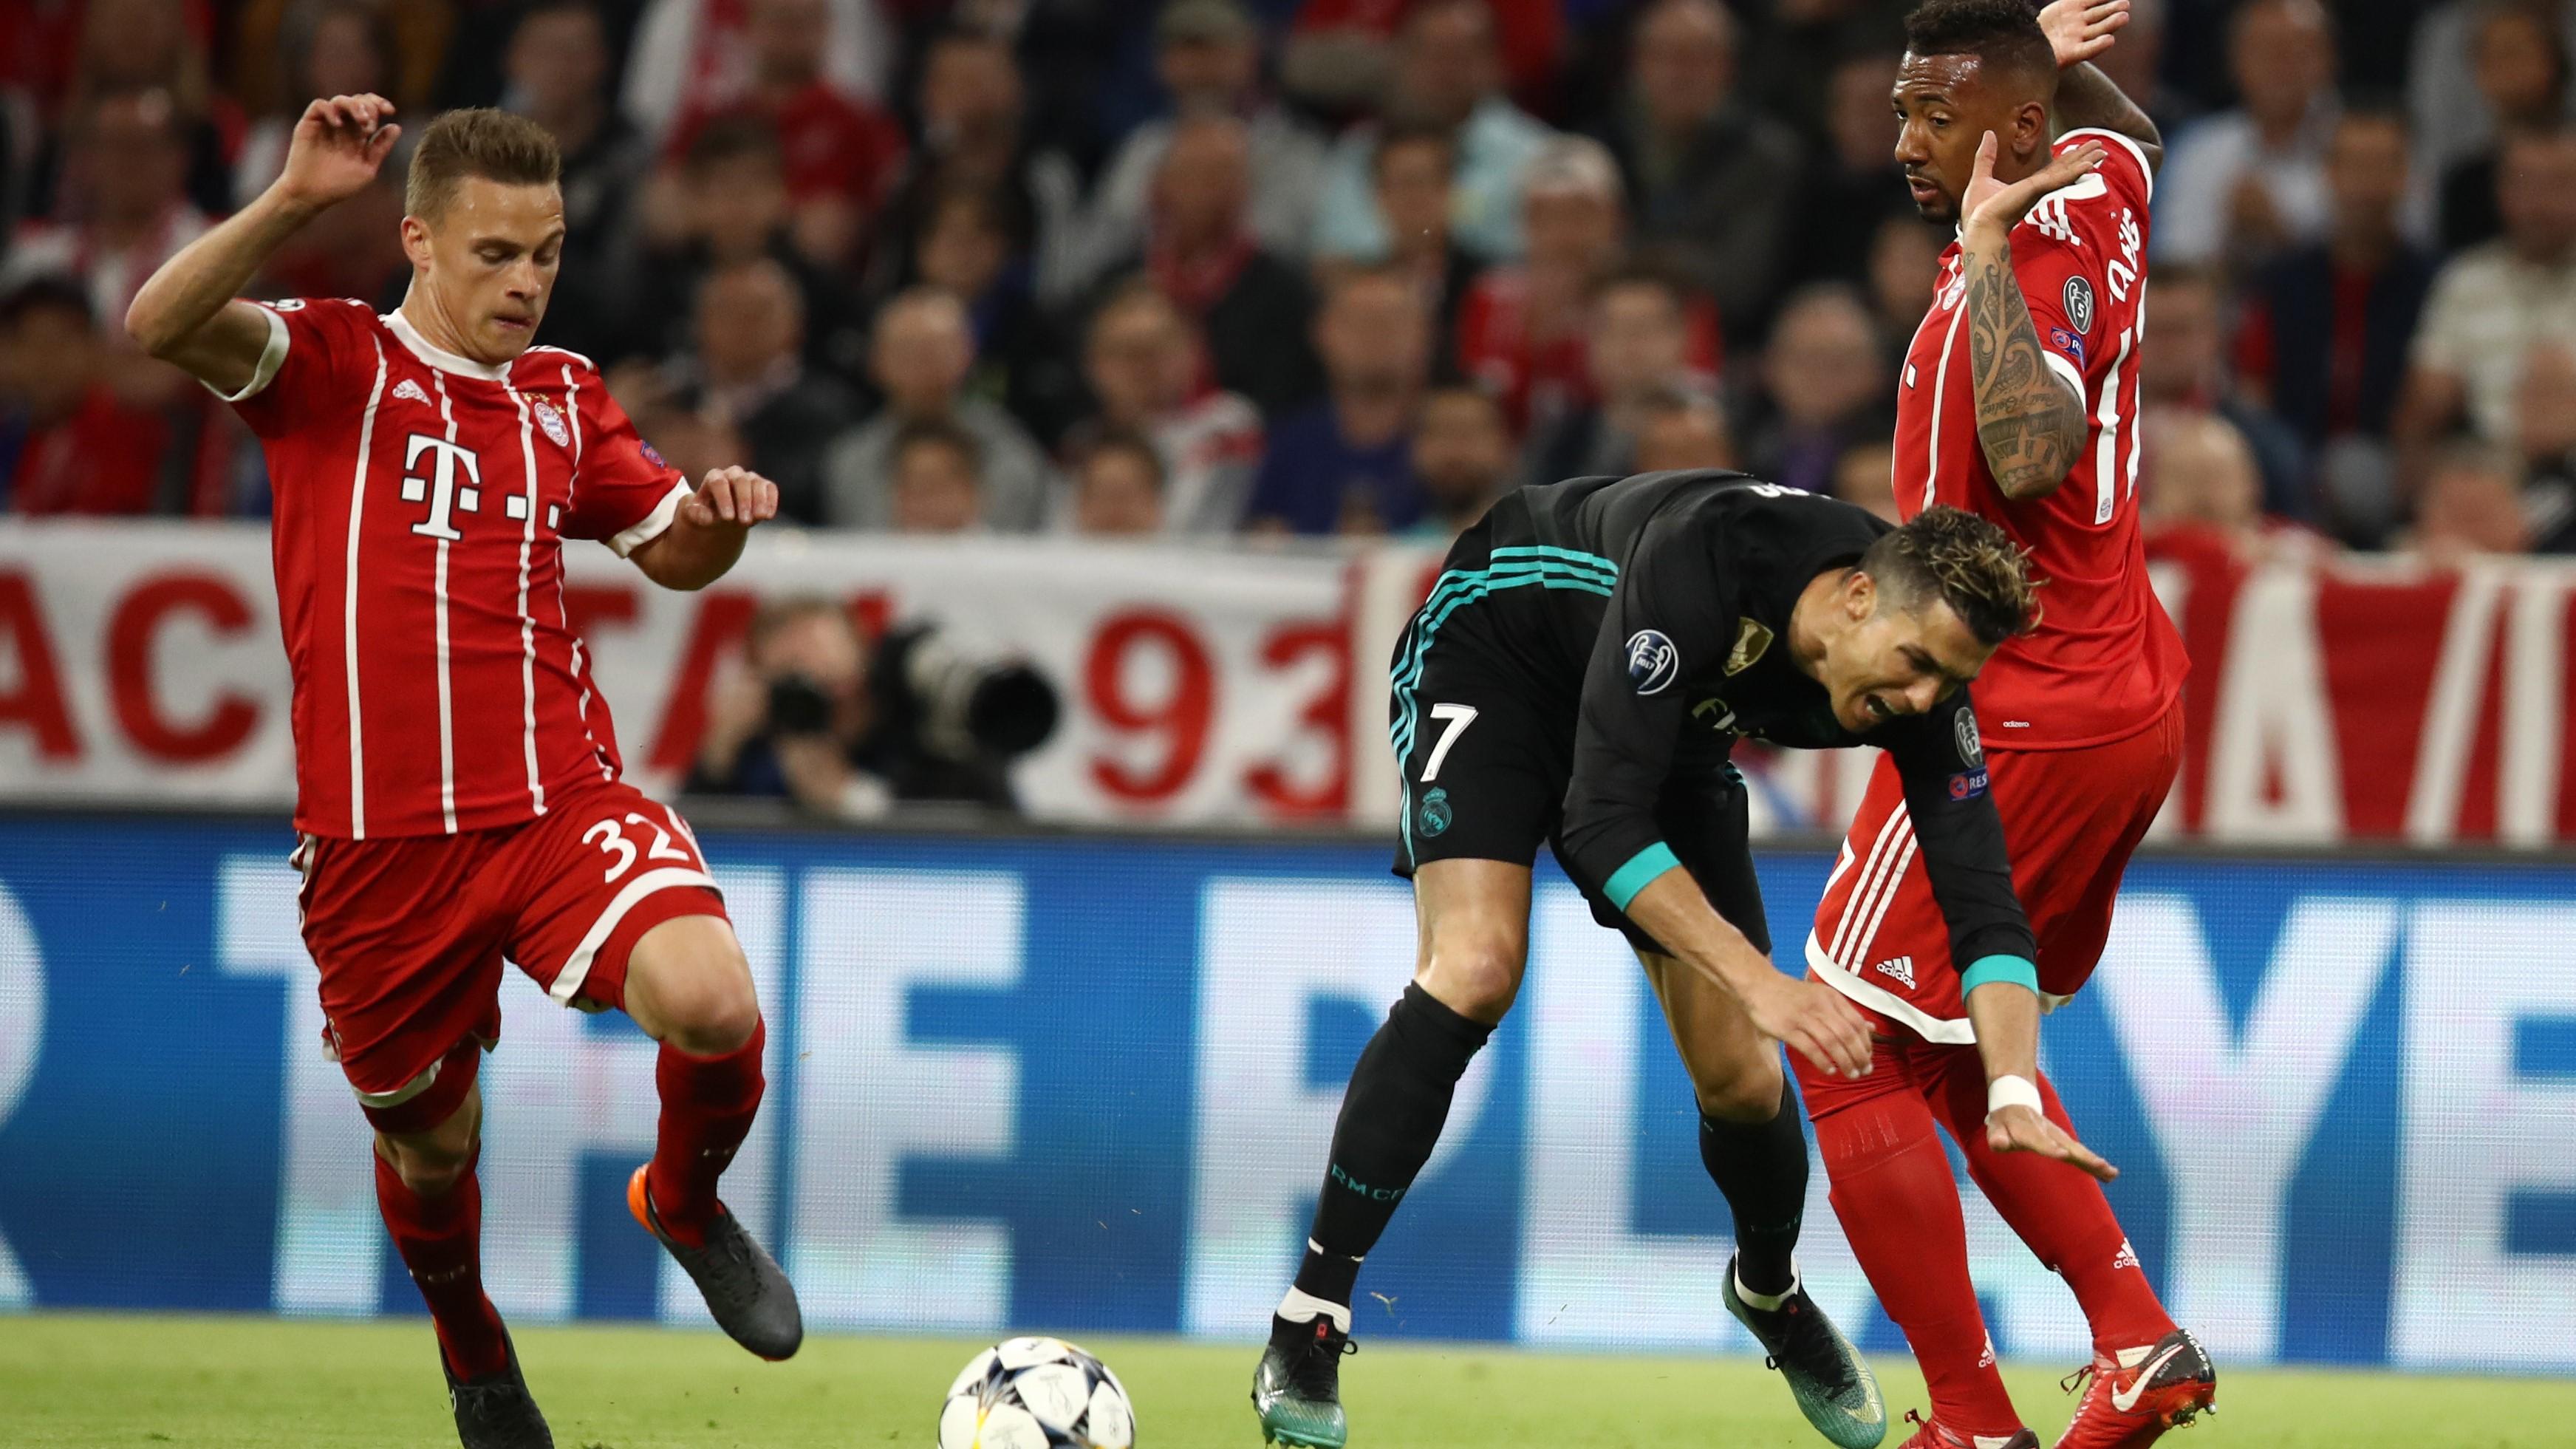 Vinícius Jr. sonha com parceria com Neymar no Real Madrid